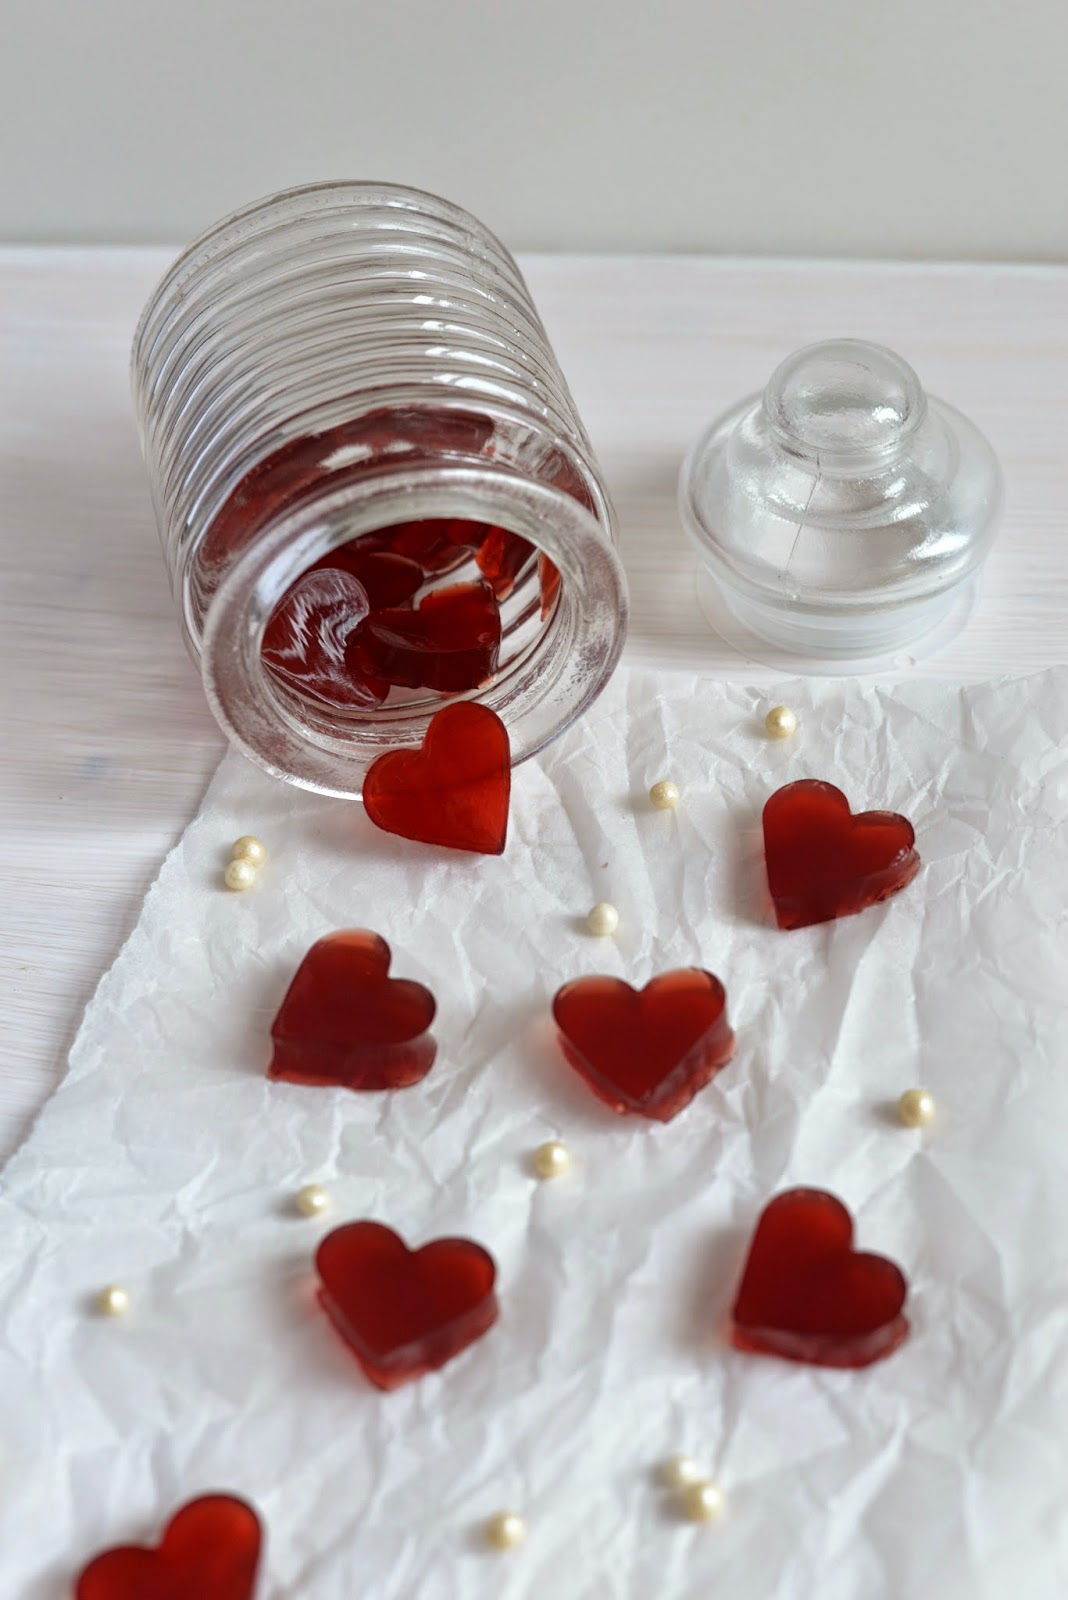 jelly, jelly-hearts, jelly-Herzen, Herz, herzen, hearts, valentinstag, valentine's day, valentine, sweets, naschen, süßigkeit, gummibärli, geschenk, present, überraschung, gift, geschenke aus der küche, blog, xenobiophilia, lifestyleblog